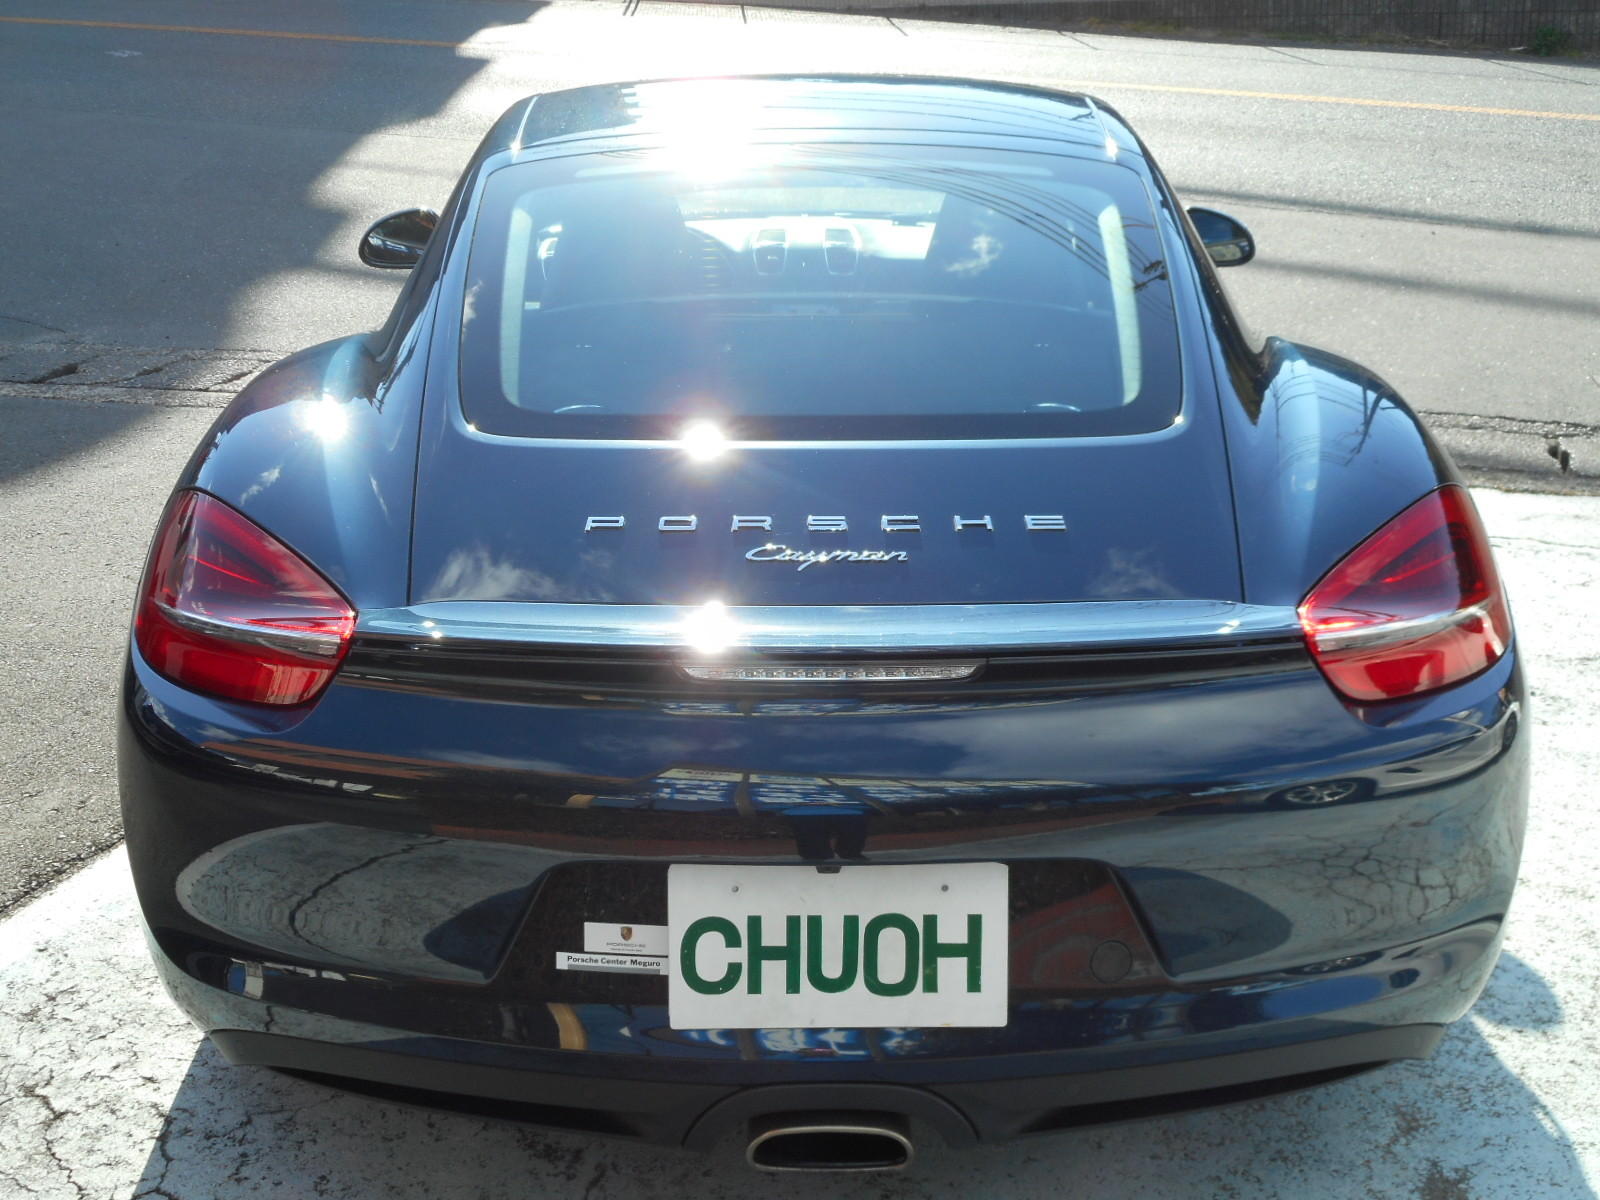 広告掲載車 ポルシェ ケイマンPDK_c0267693_17354565.jpg